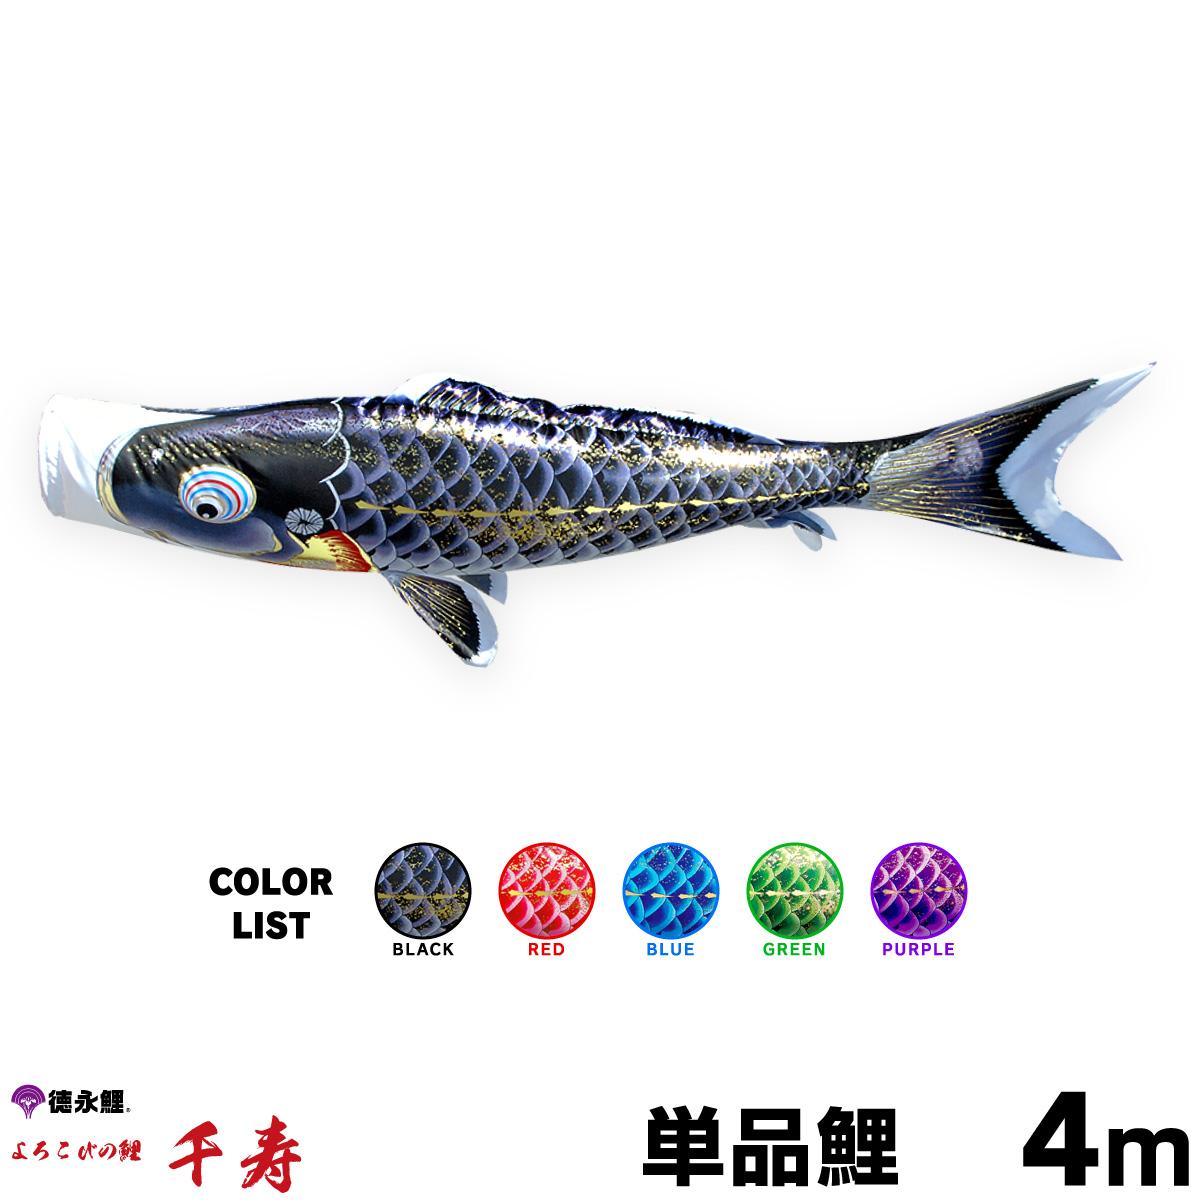 【こいのぼり 単品】 千寿 4m 単品鯉 黒 赤 青 緑 紫